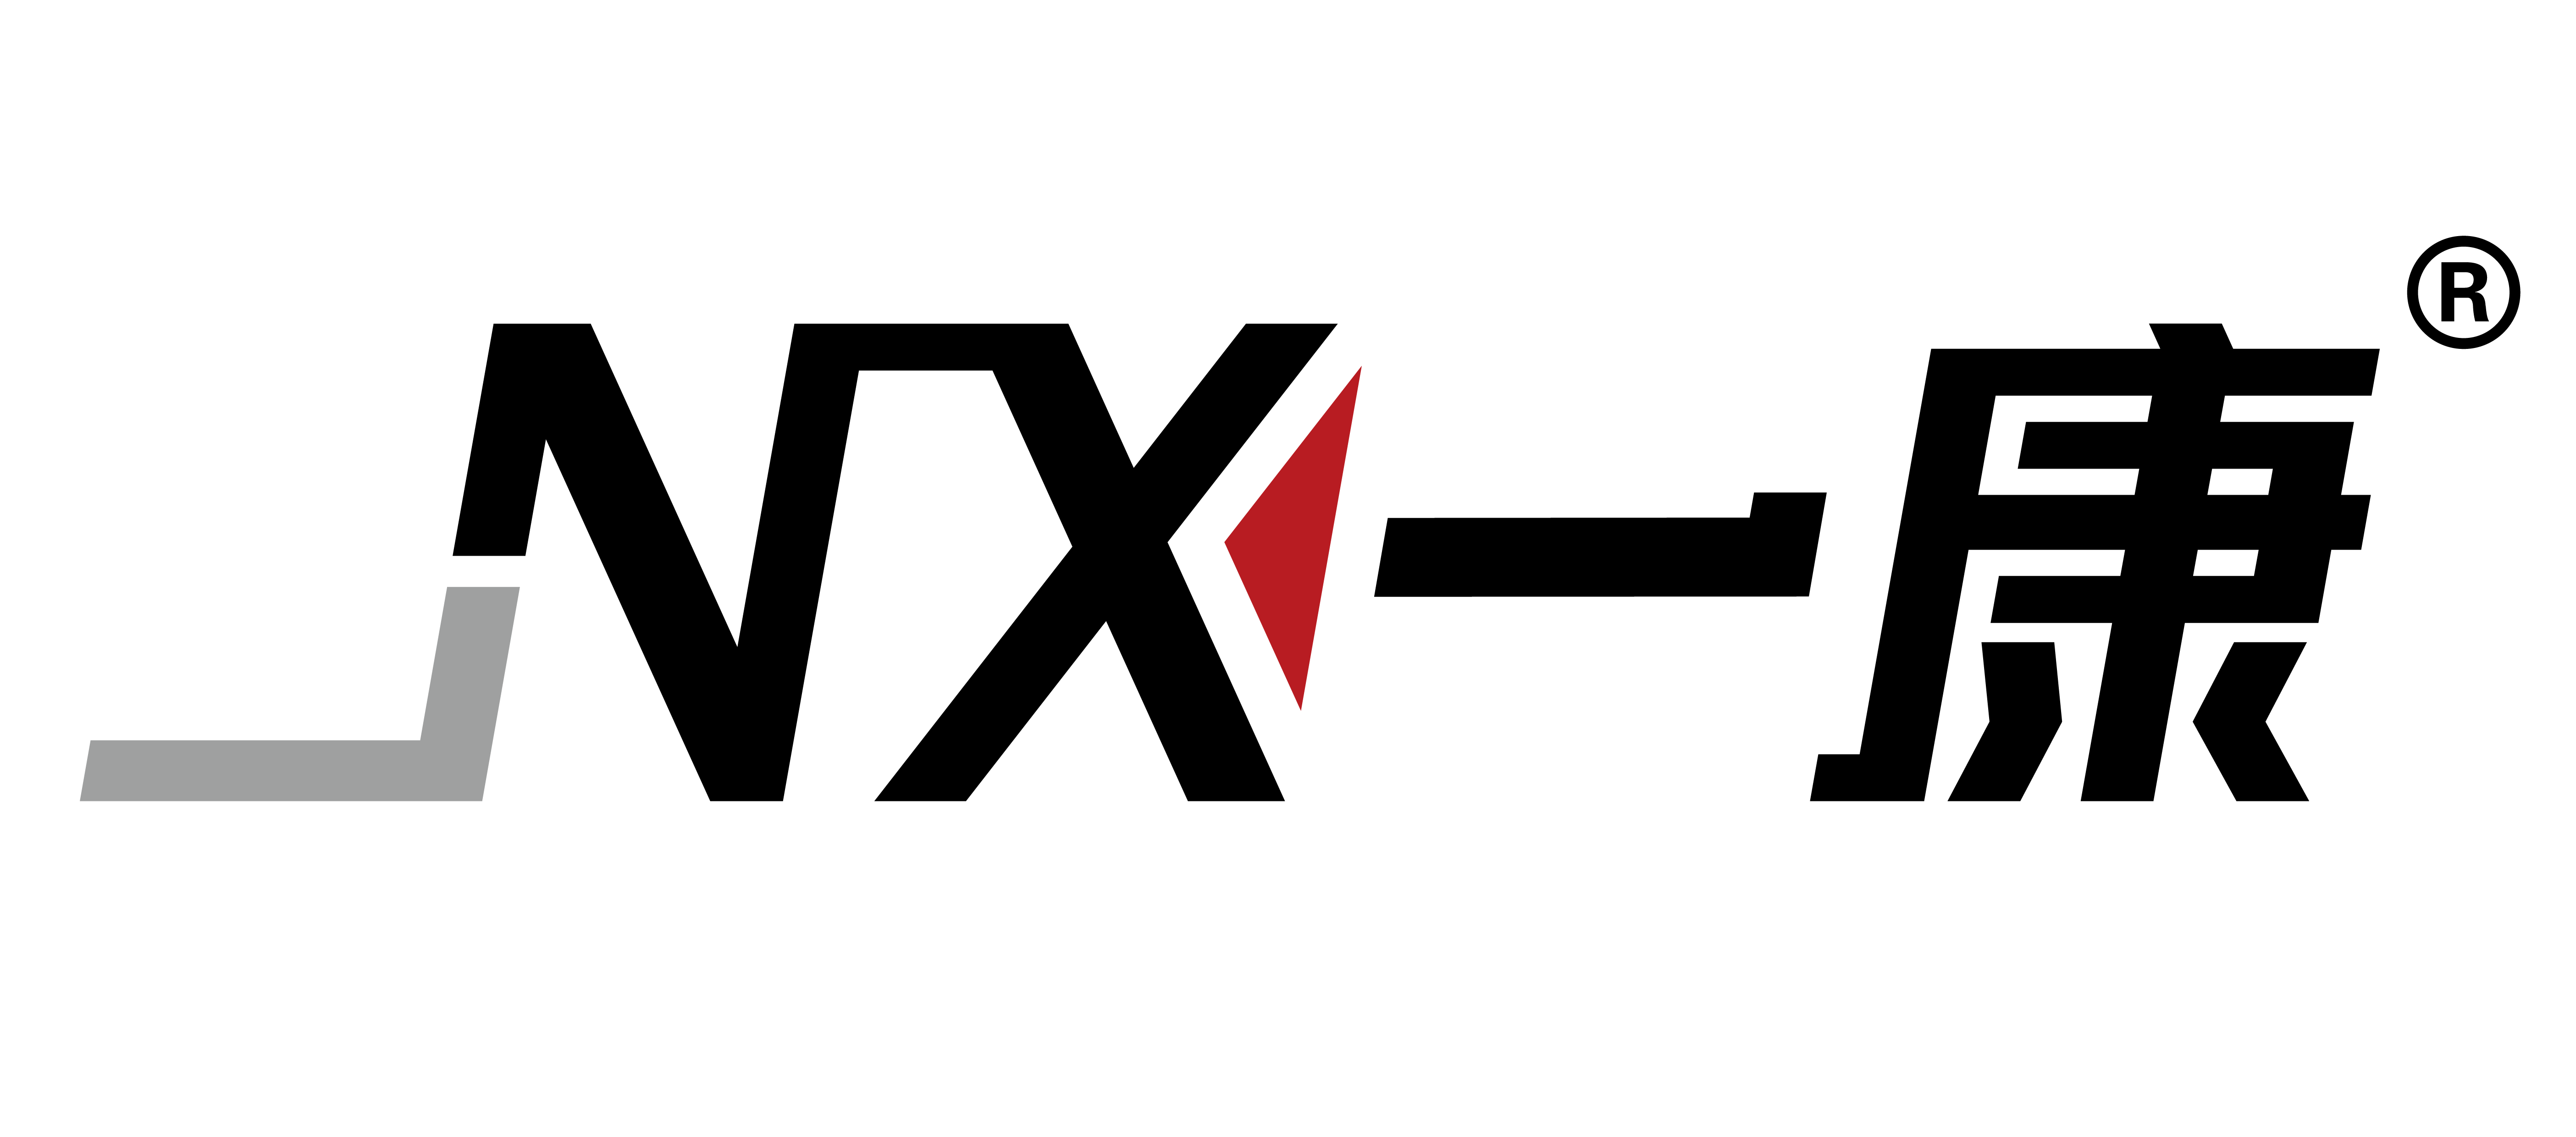 广州一康医疗设备实业有限公司-2018中国国际福祉博览会暨中国国际康复博览会